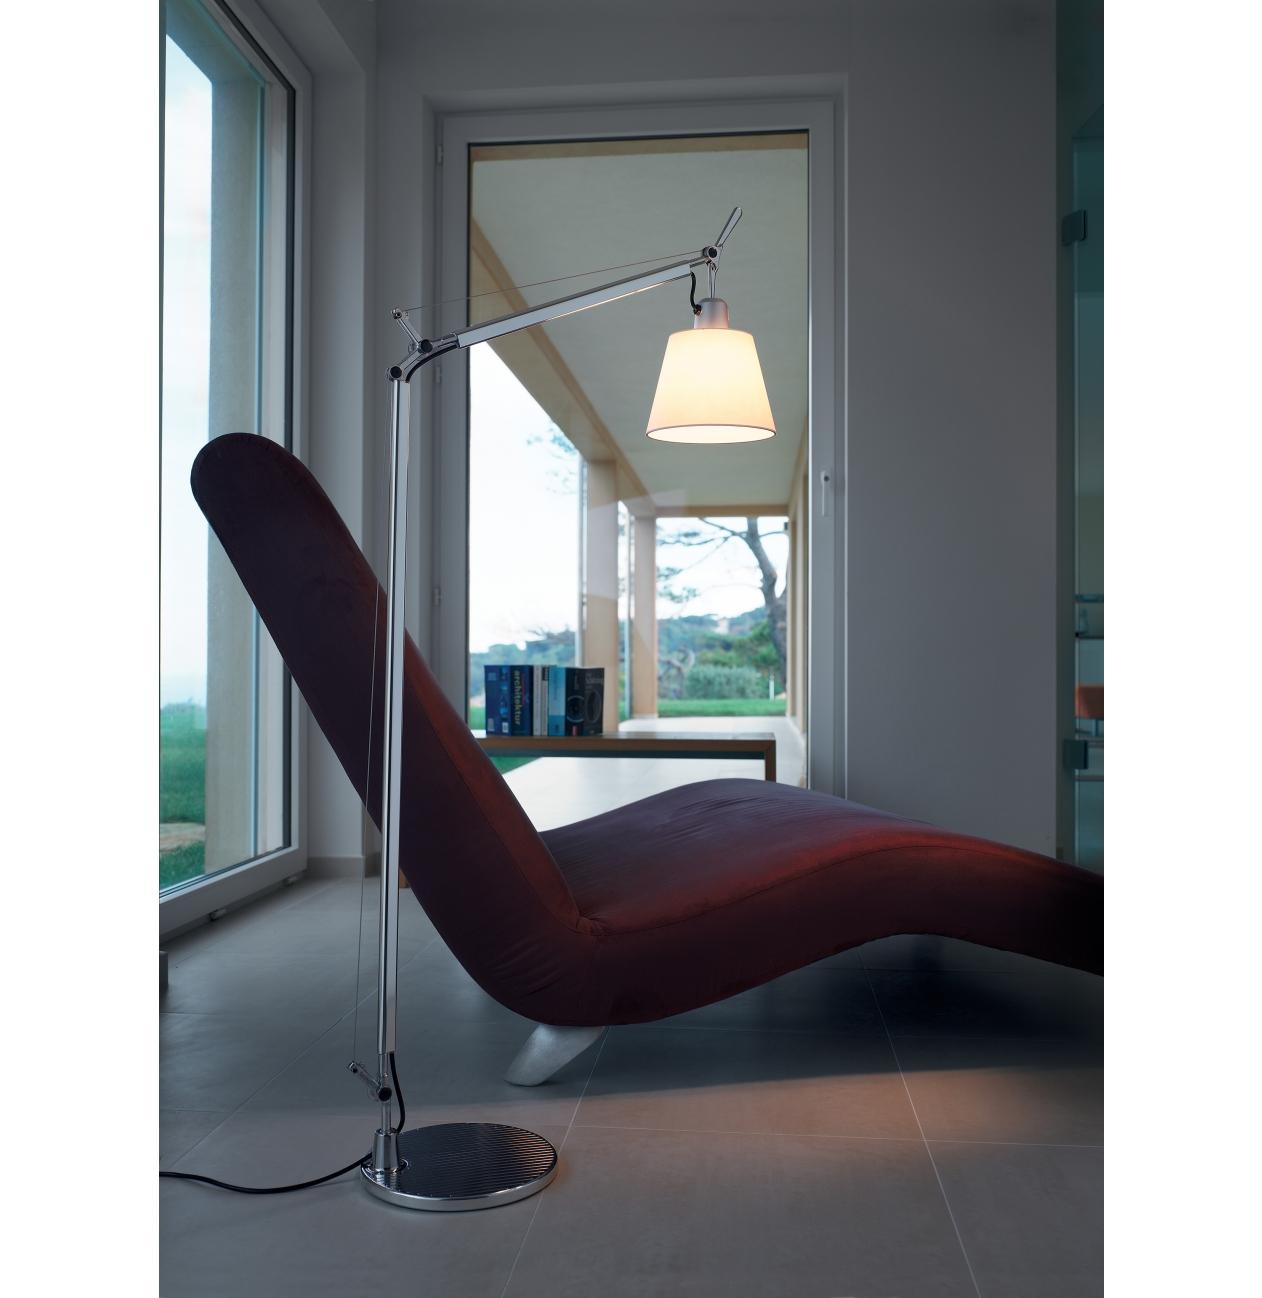 artemide vloerlamp tolomeo basculante lettura versteeg. Black Bedroom Furniture Sets. Home Design Ideas